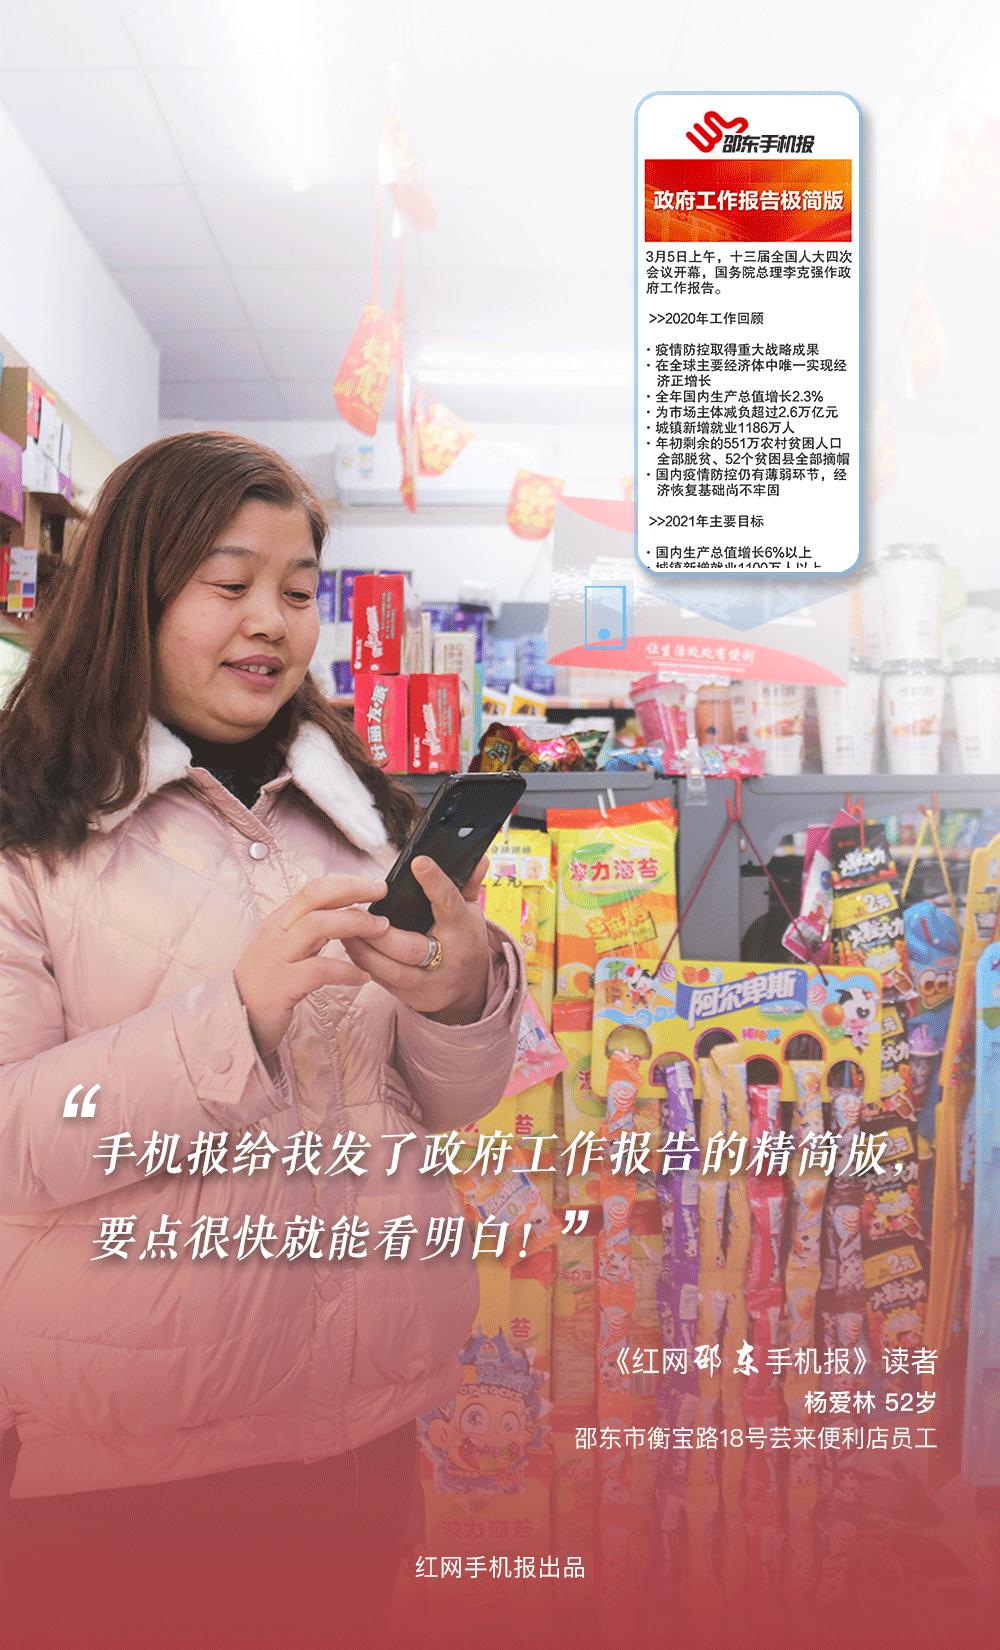 手机报读者海报邵东.png